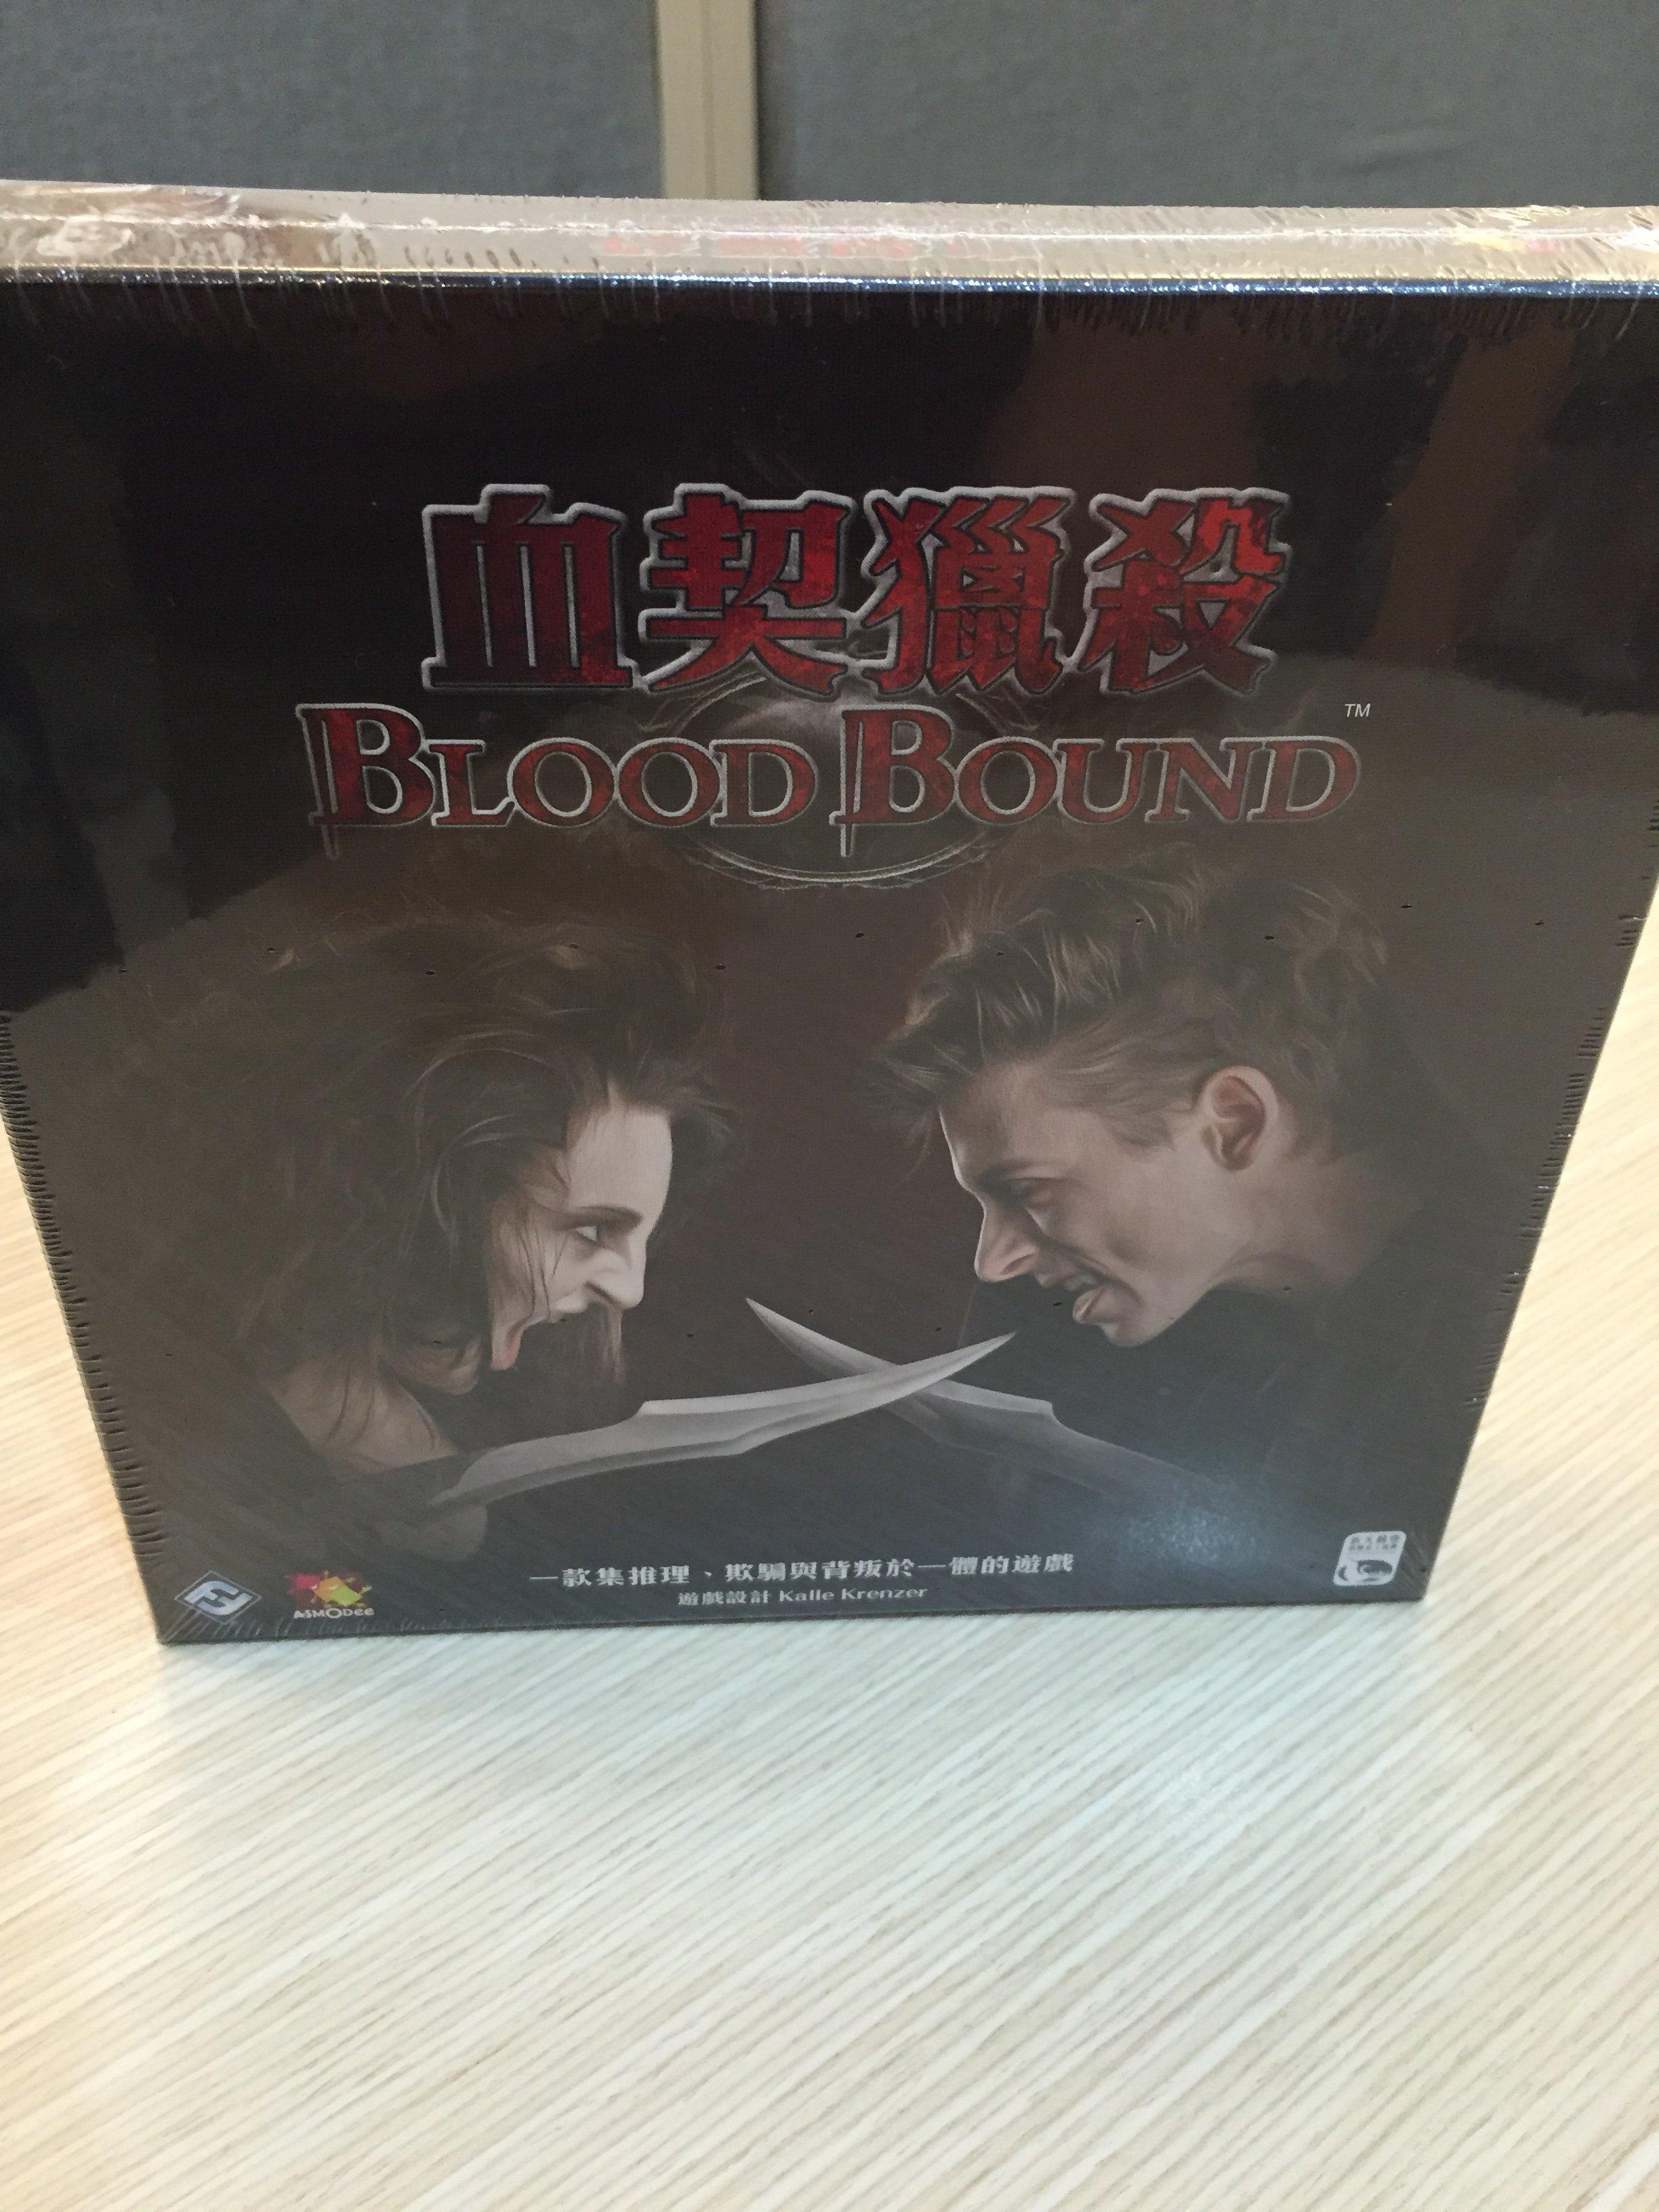 【桌遊侍】血契獵殺 Blood Bound 正版 實體店面快速出貨 《免運.再送充足牌套》任兩件再九折喔!!